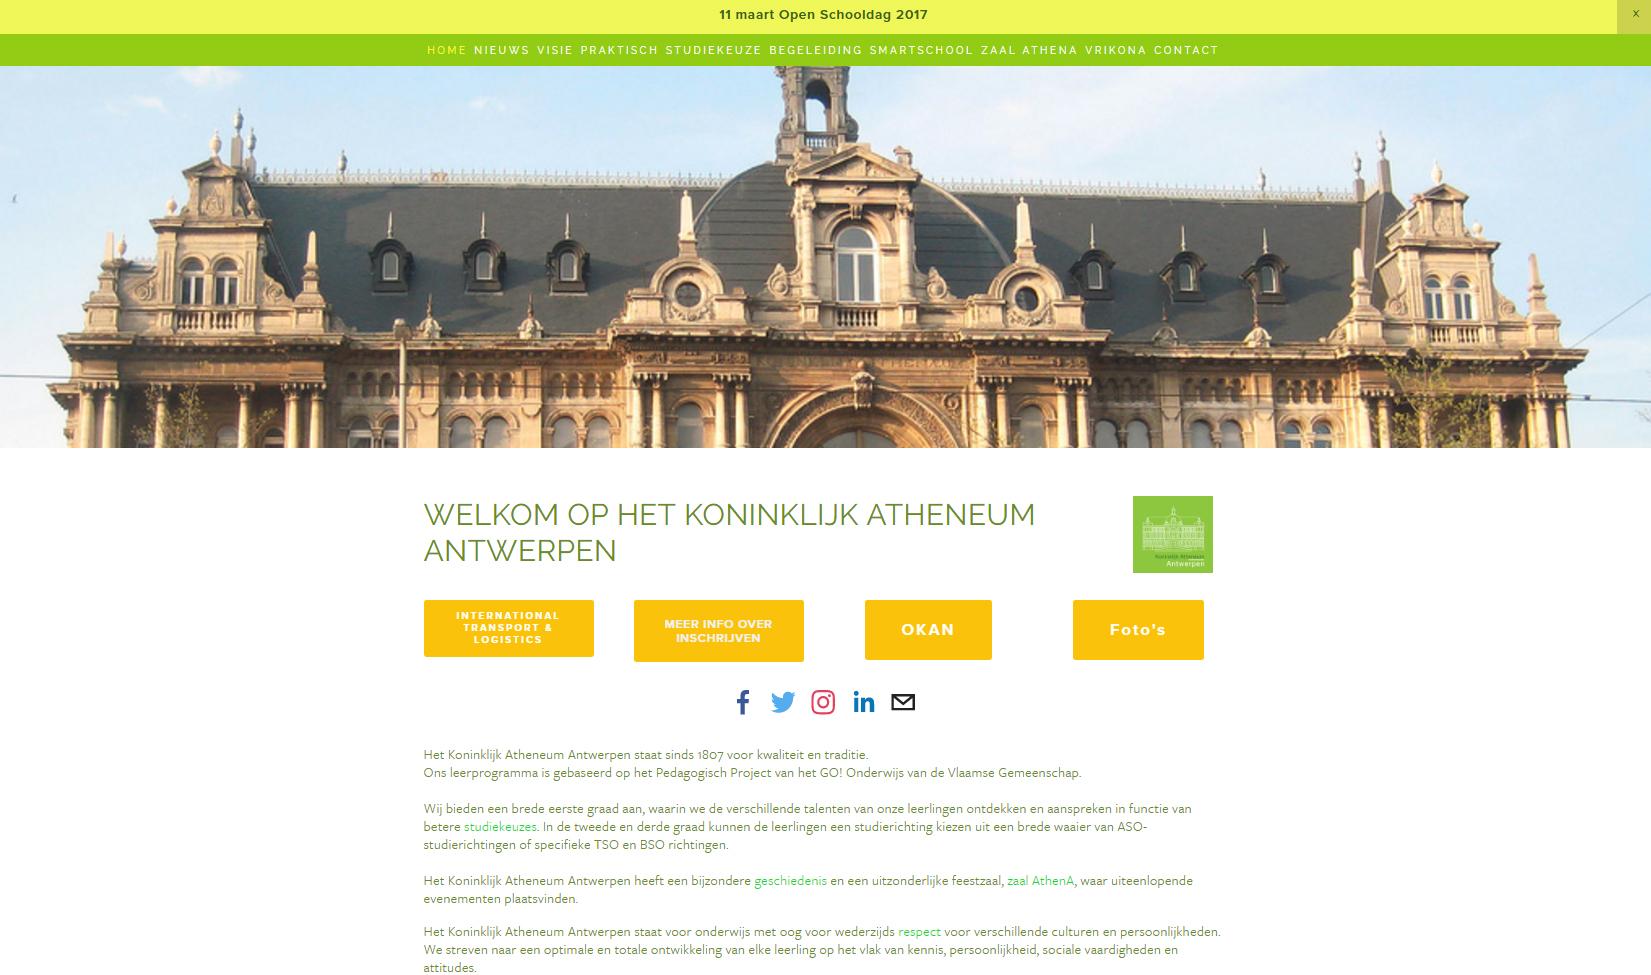 Het Koninklijke Atheneum Antwerpen  www.atheneumantwerpen.be